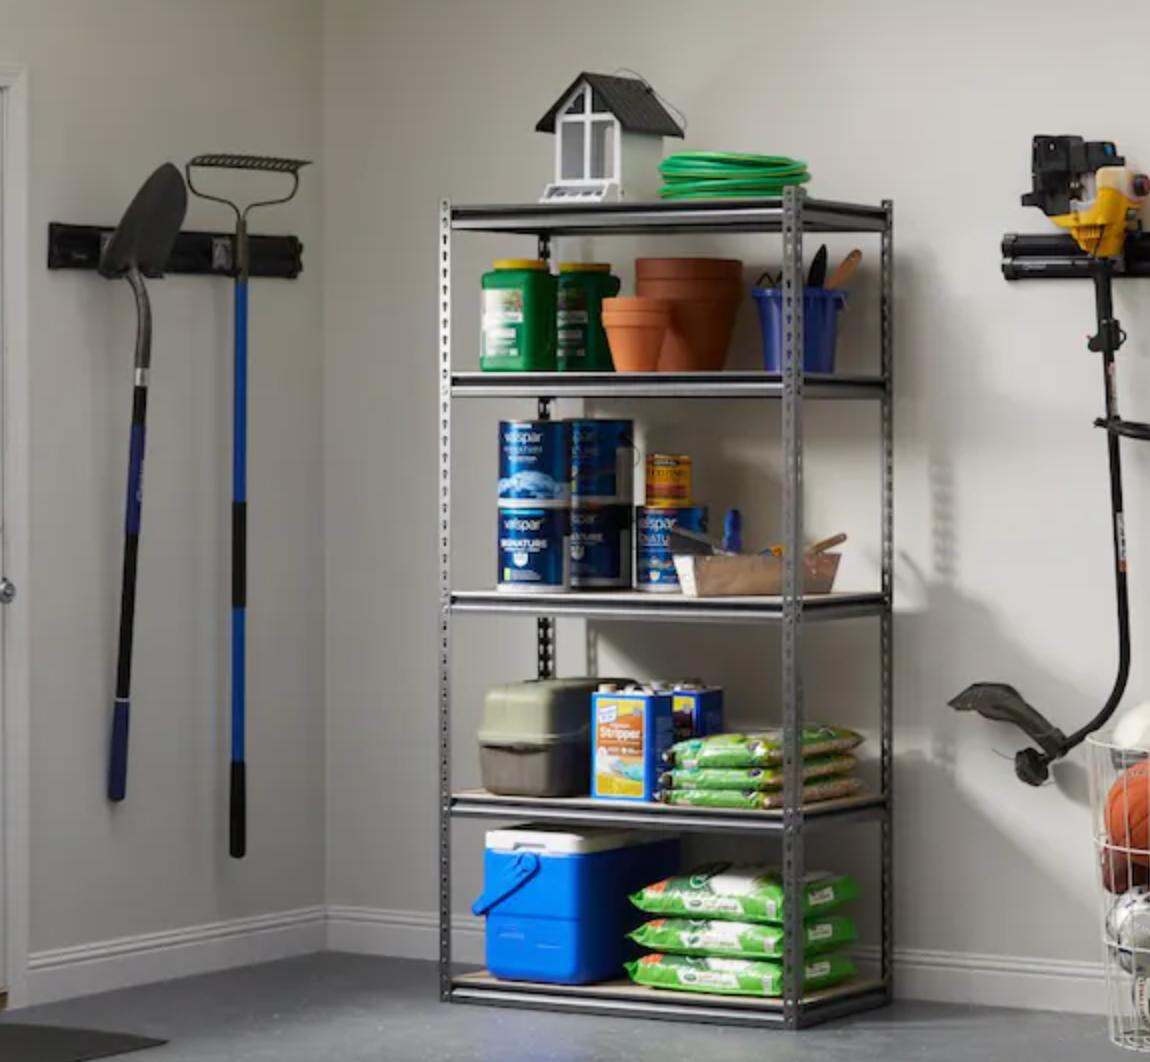 five-tier shelf in a garage